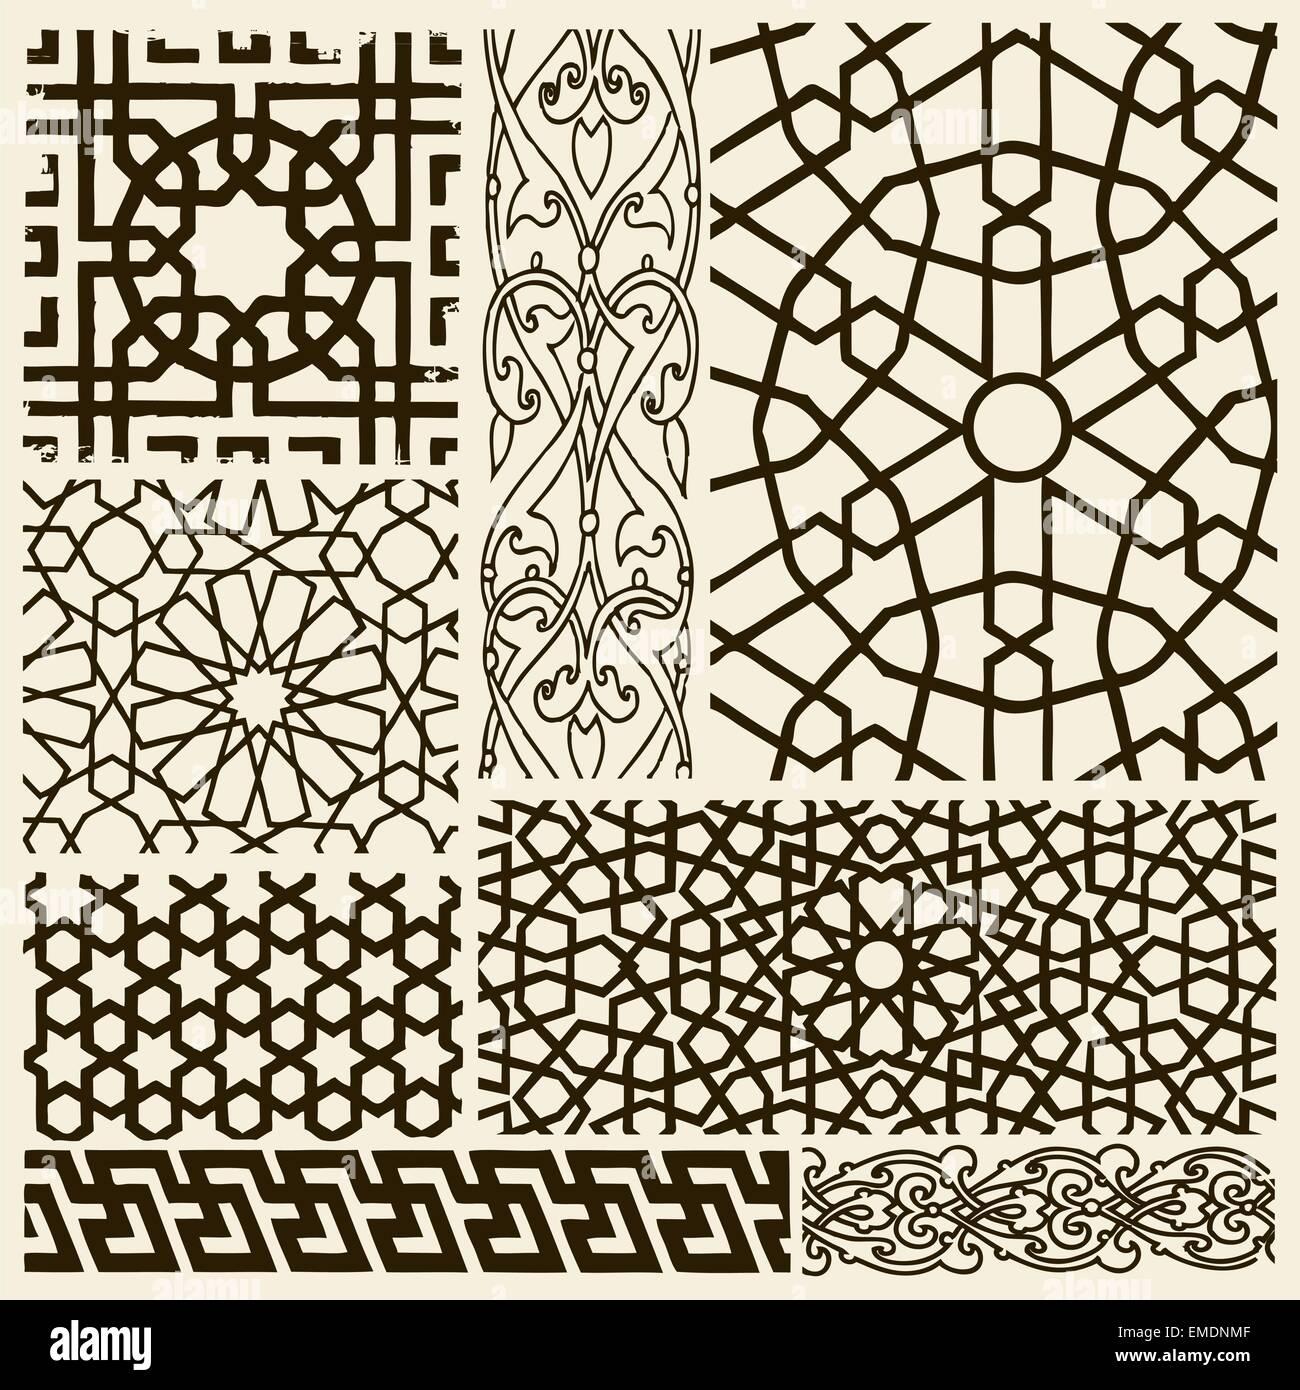 Arabesque Designs - Stock Image